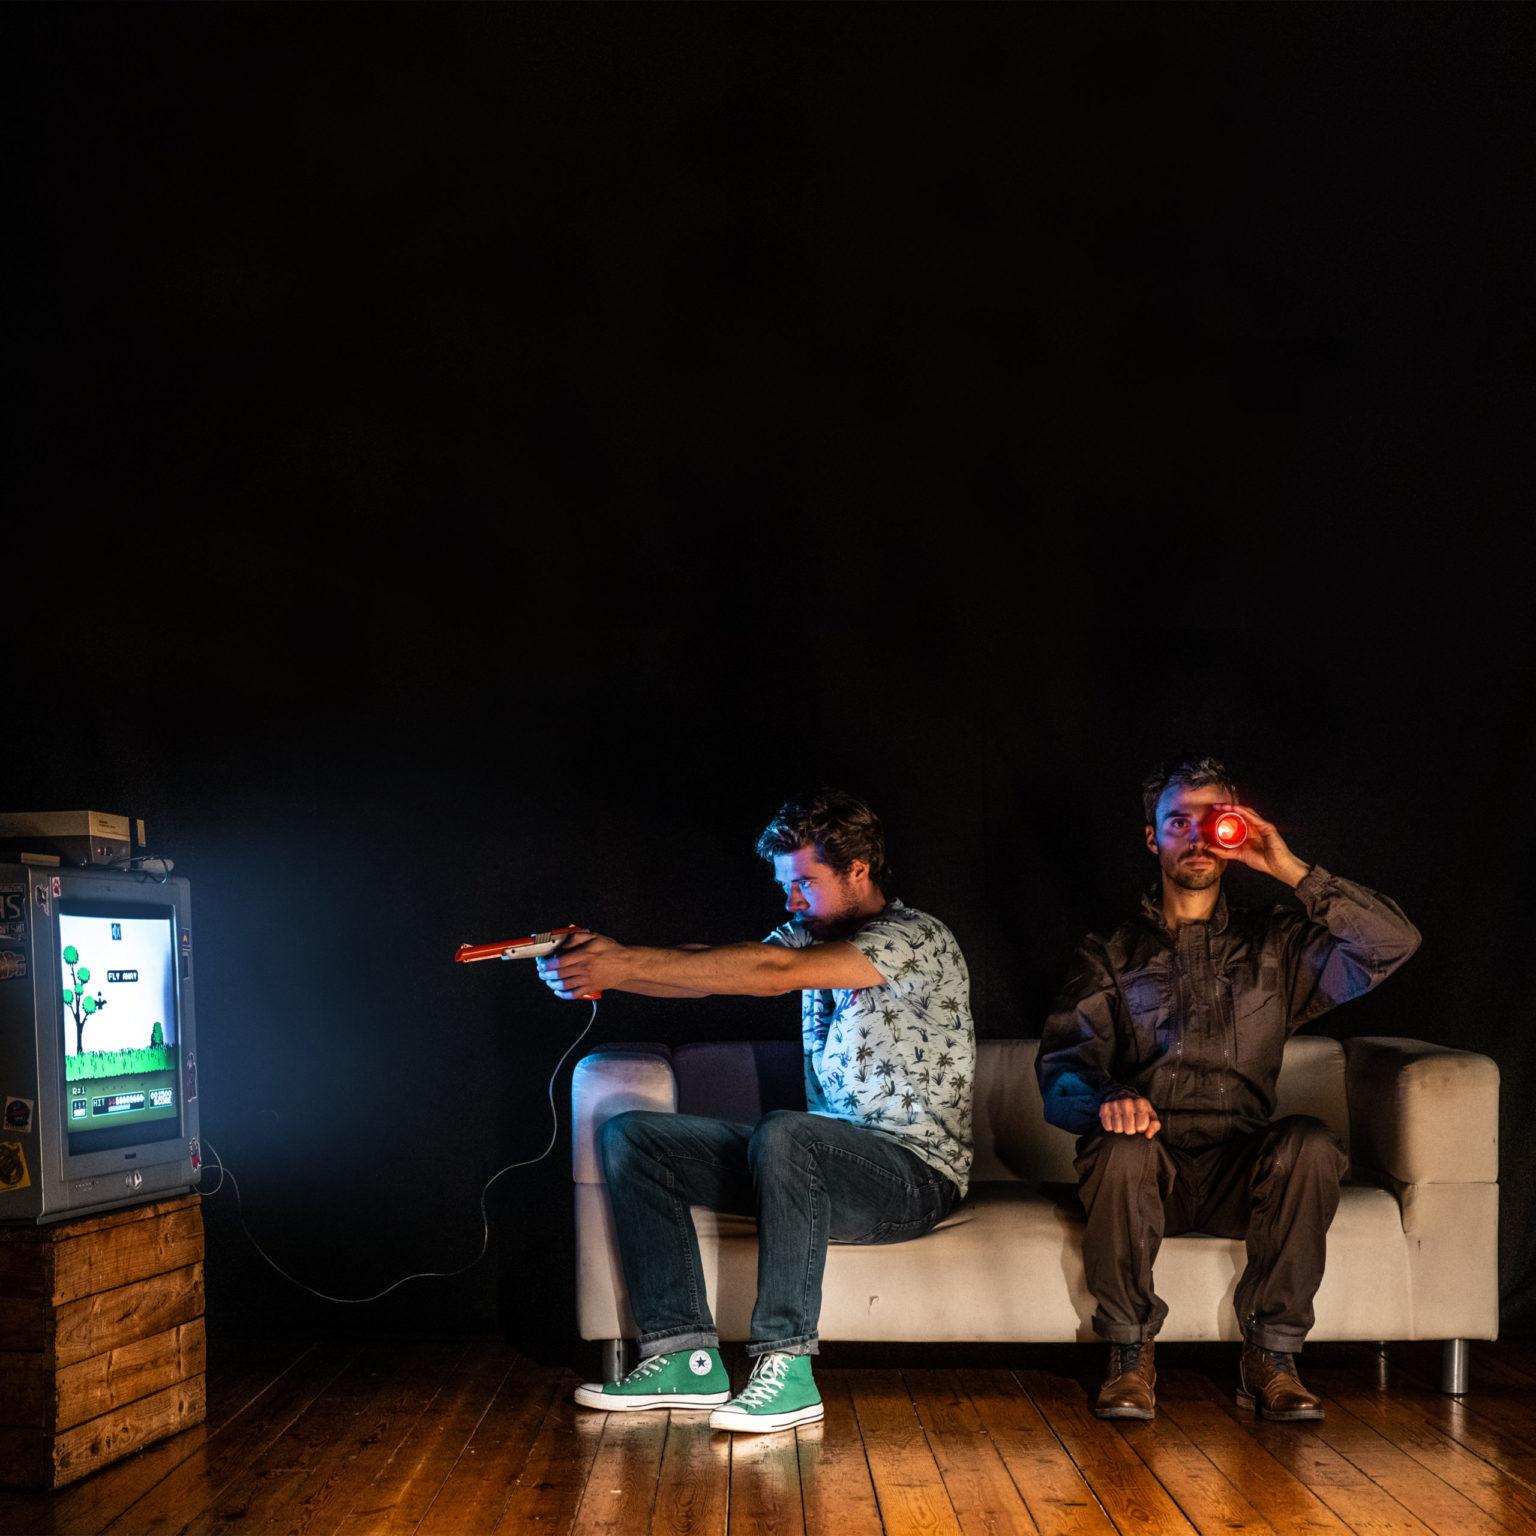 lauréat label 2021 pourquoi jessica a-t-elle quitté brandon les deux comédiens sont assis dans un divan crédit photo Lionel Devuyst